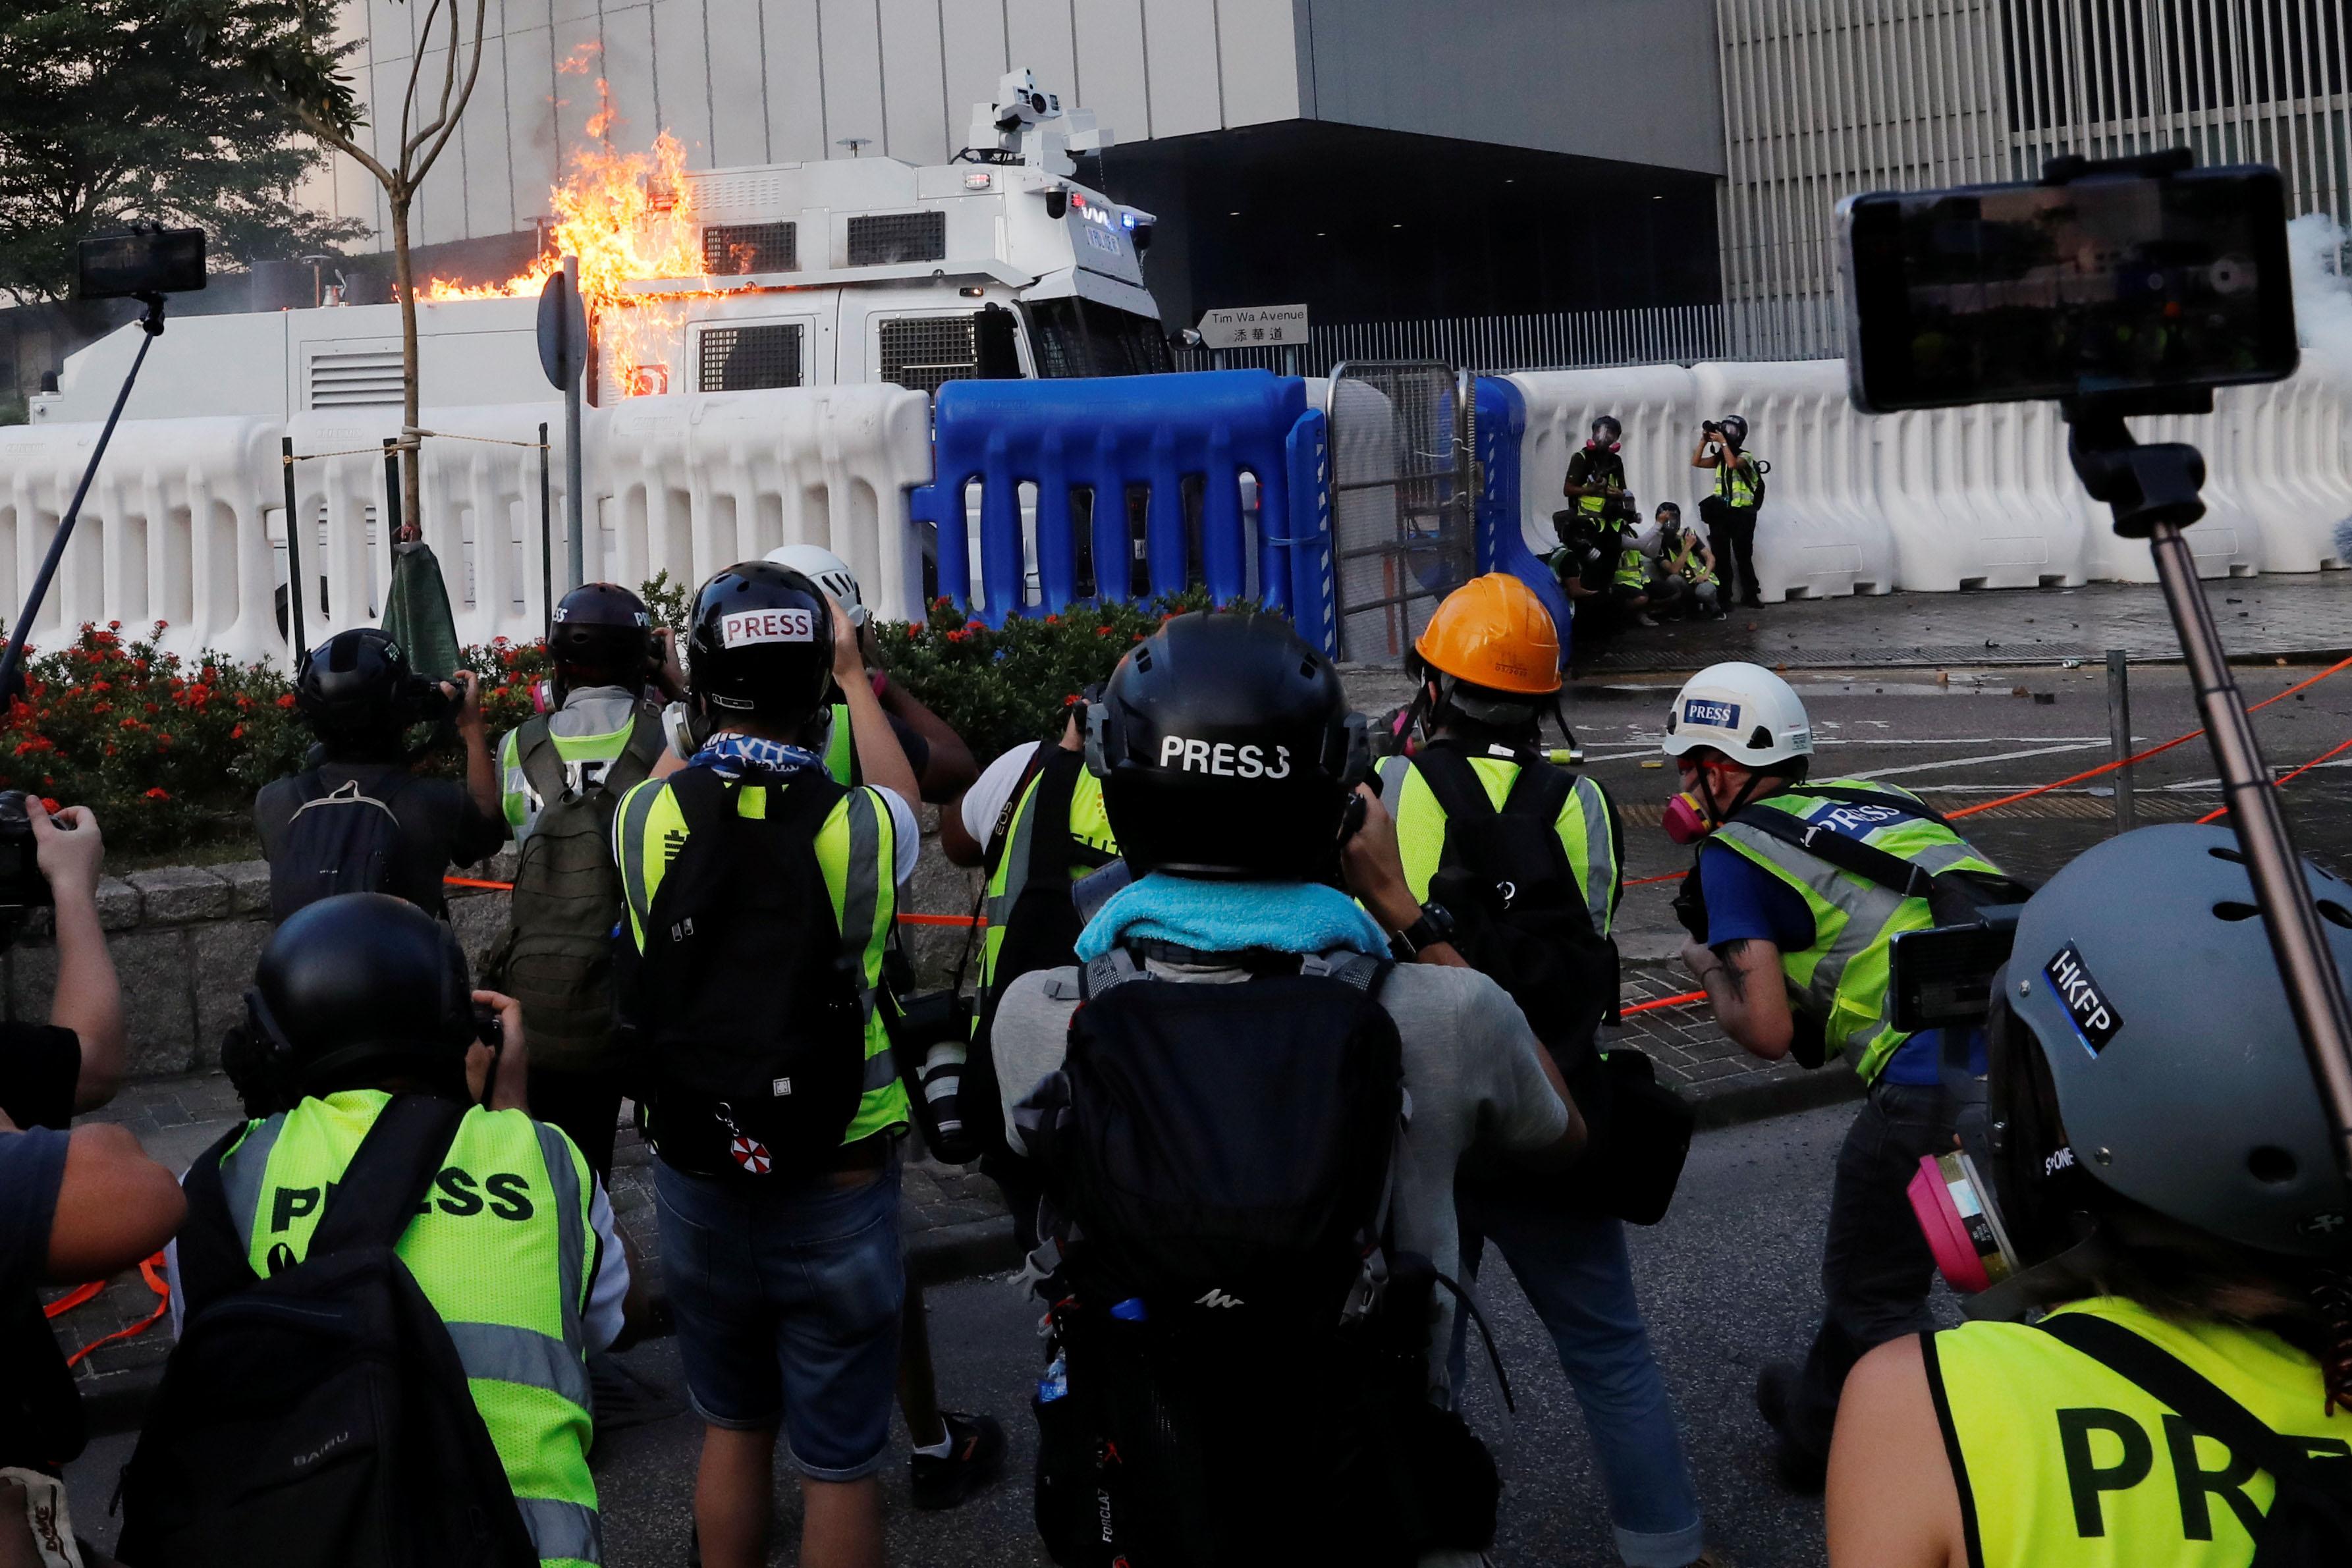 Press covering Hong Kong protest